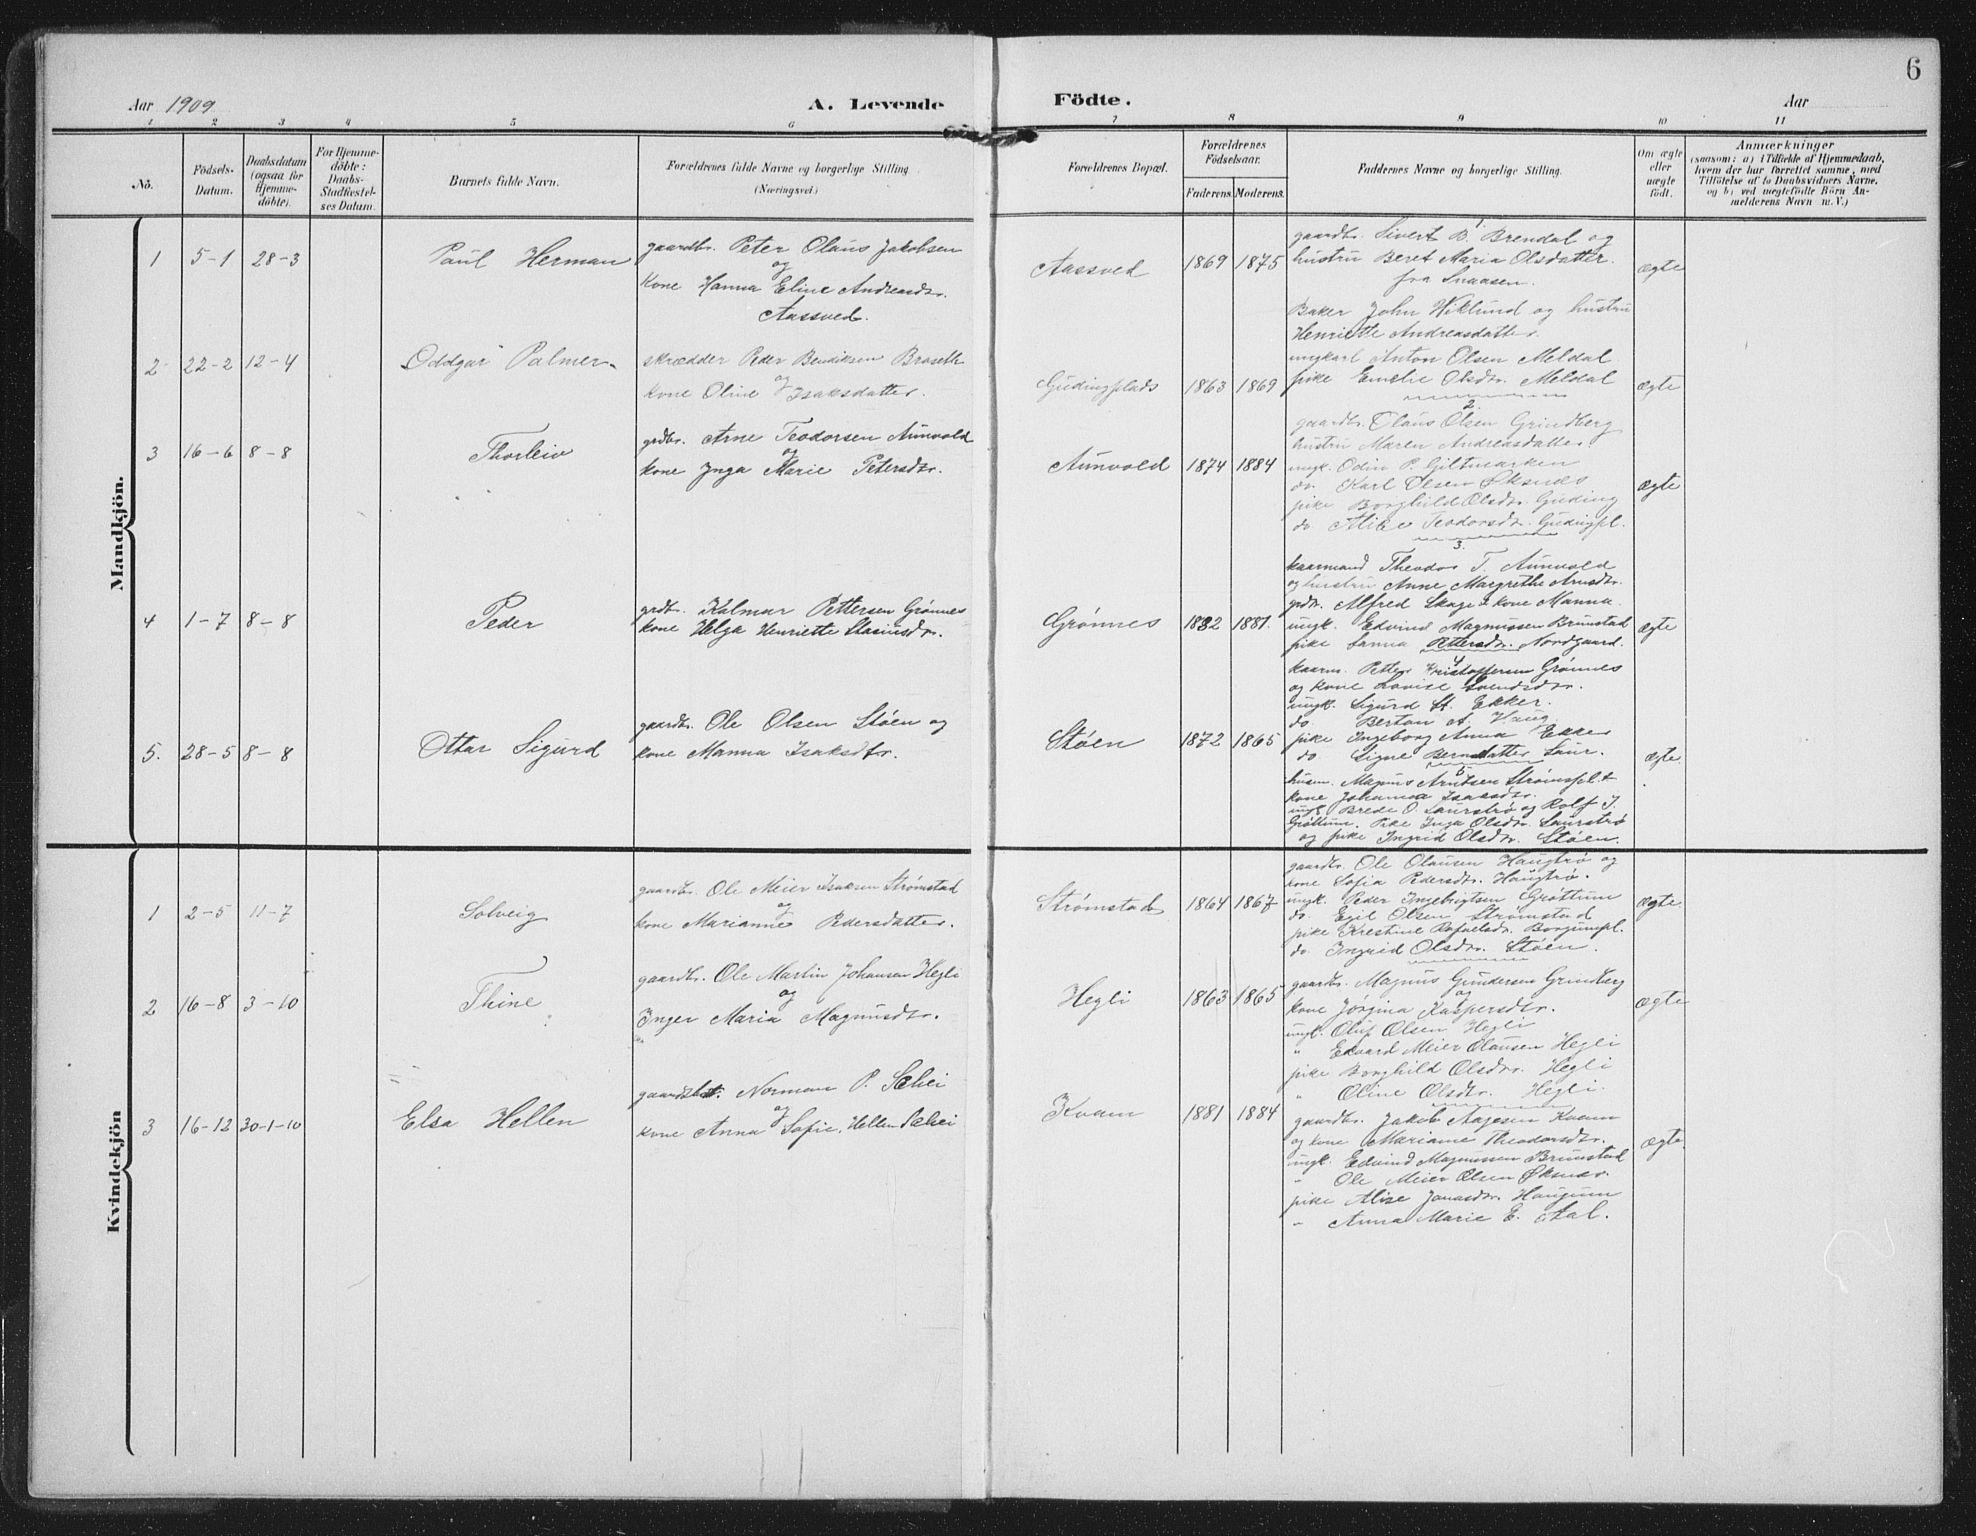 SAT, Ministerialprotokoller, klokkerbøker og fødselsregistre - Nord-Trøndelag, 747/L0460: Klokkerbok nr. 747C02, 1908-1939, s. 6